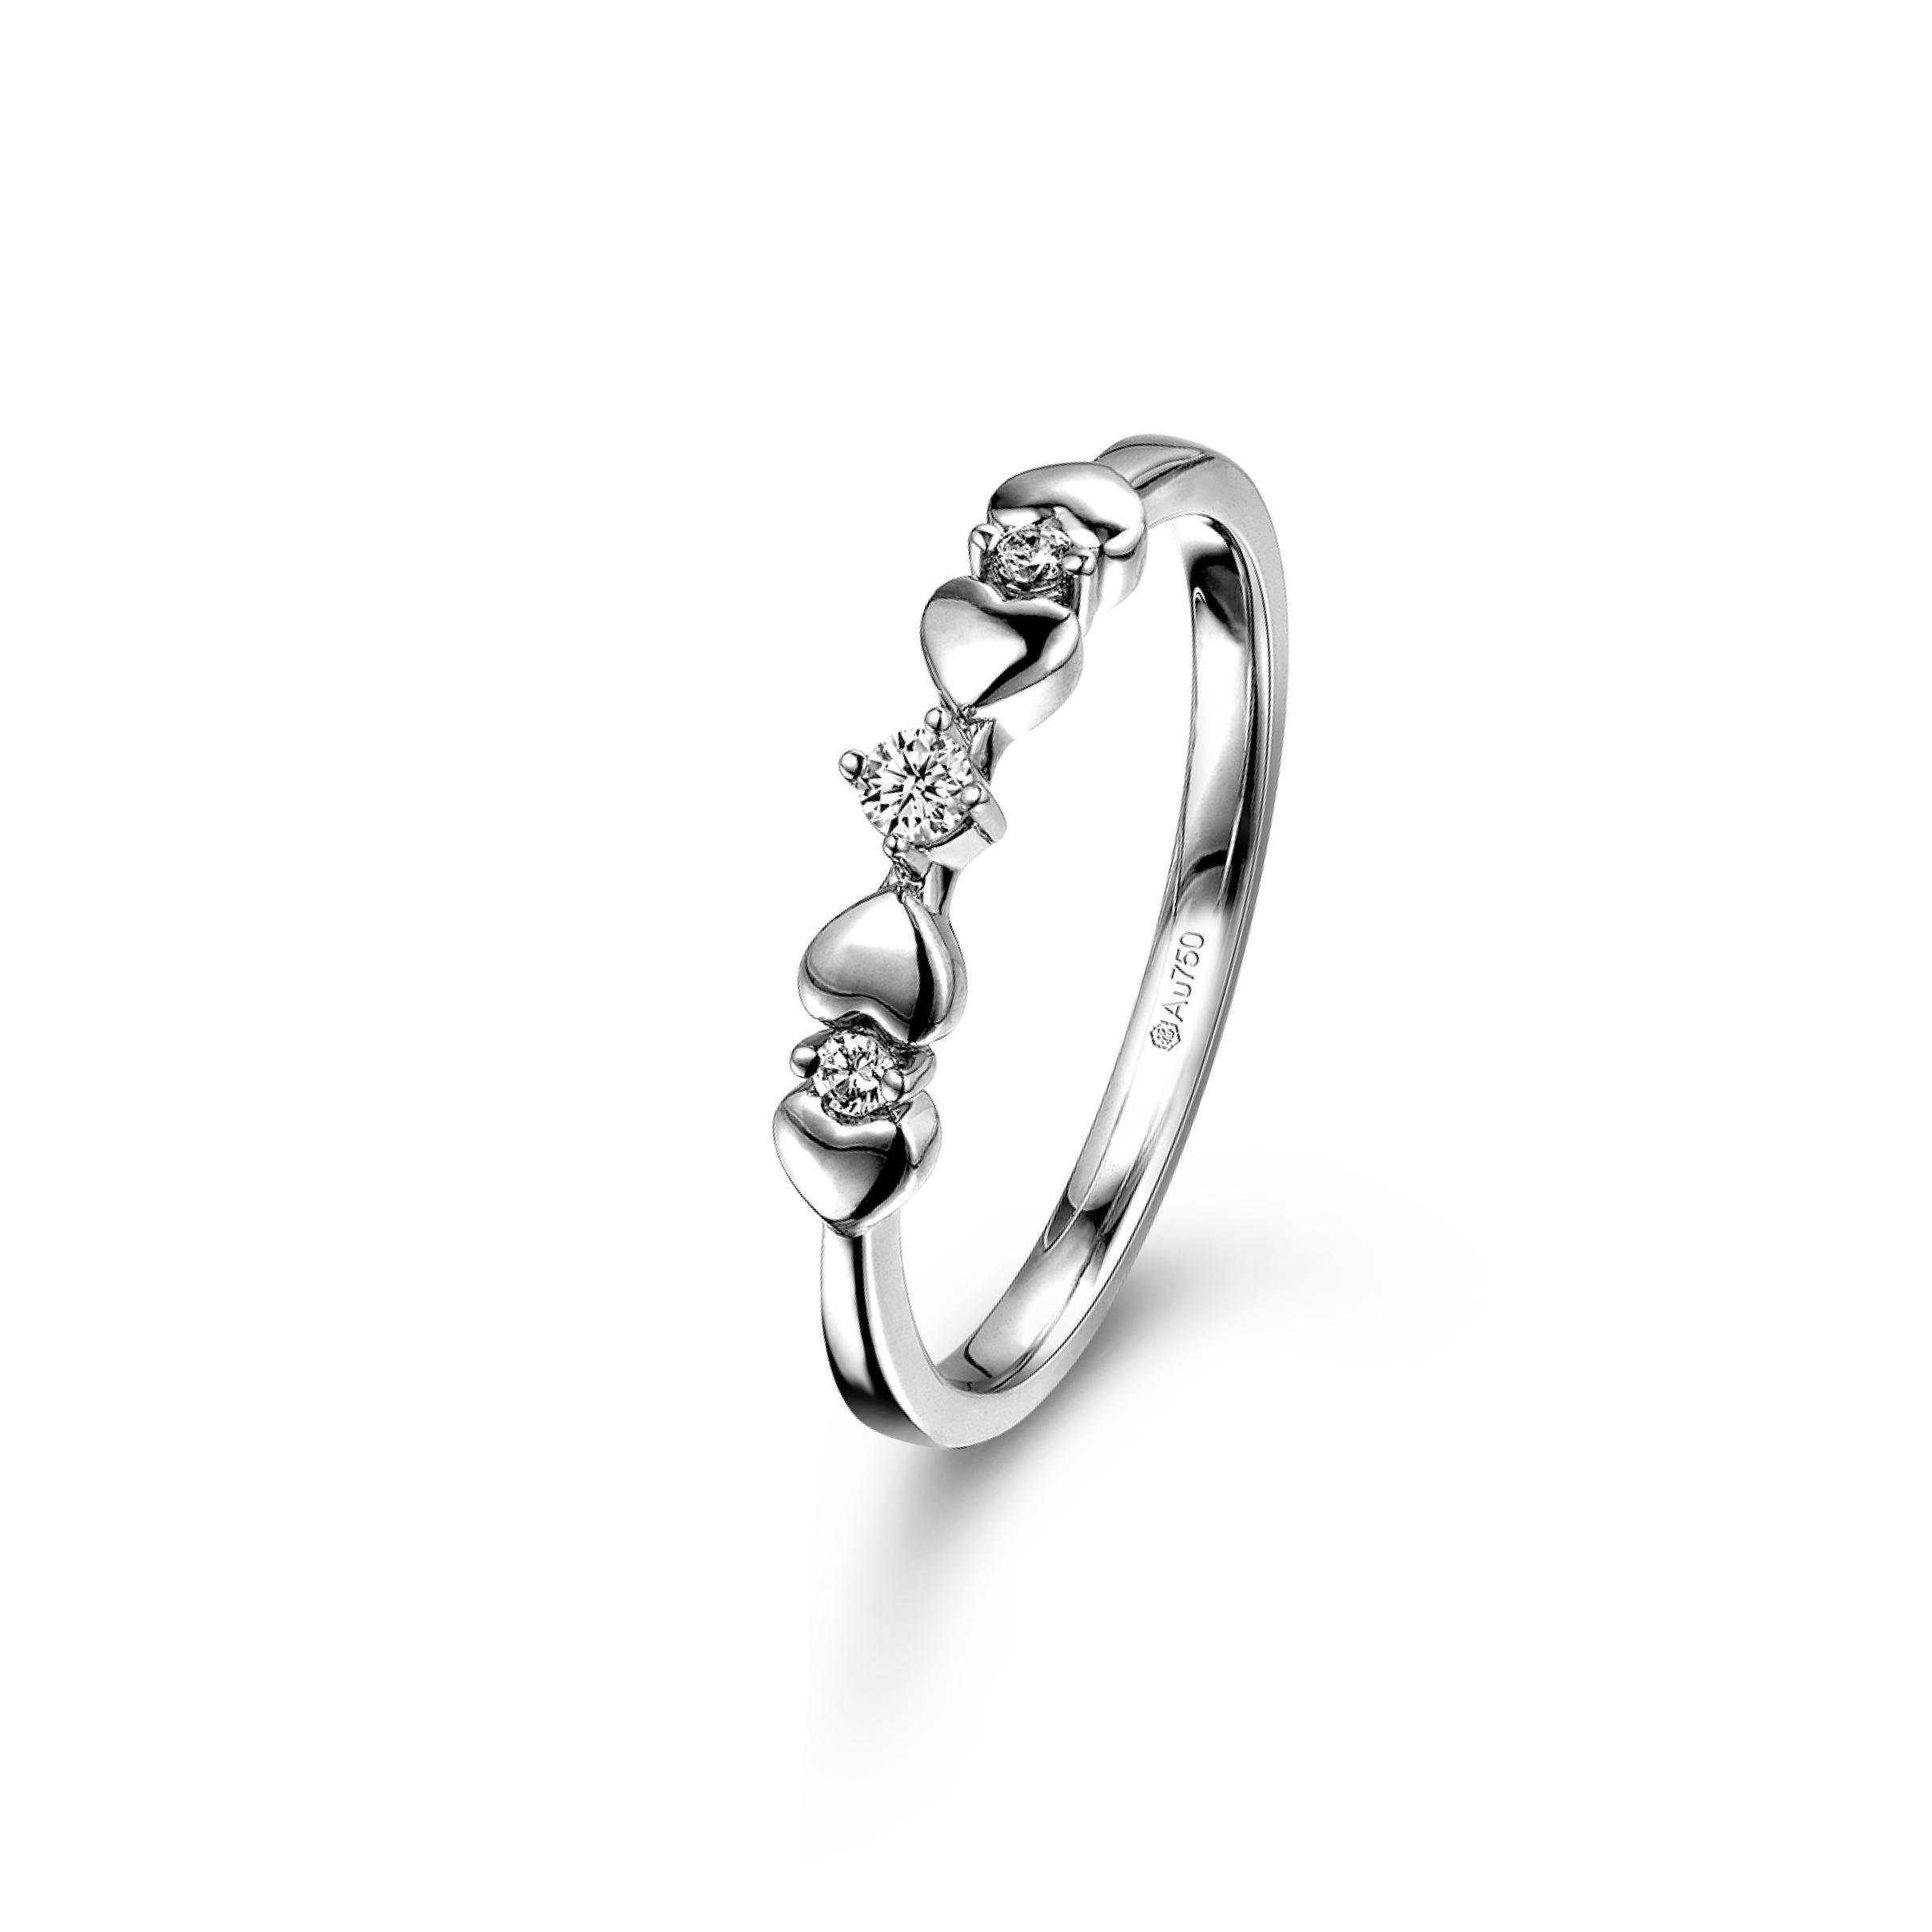 爱很美系列18K白色黄金钻石戒指